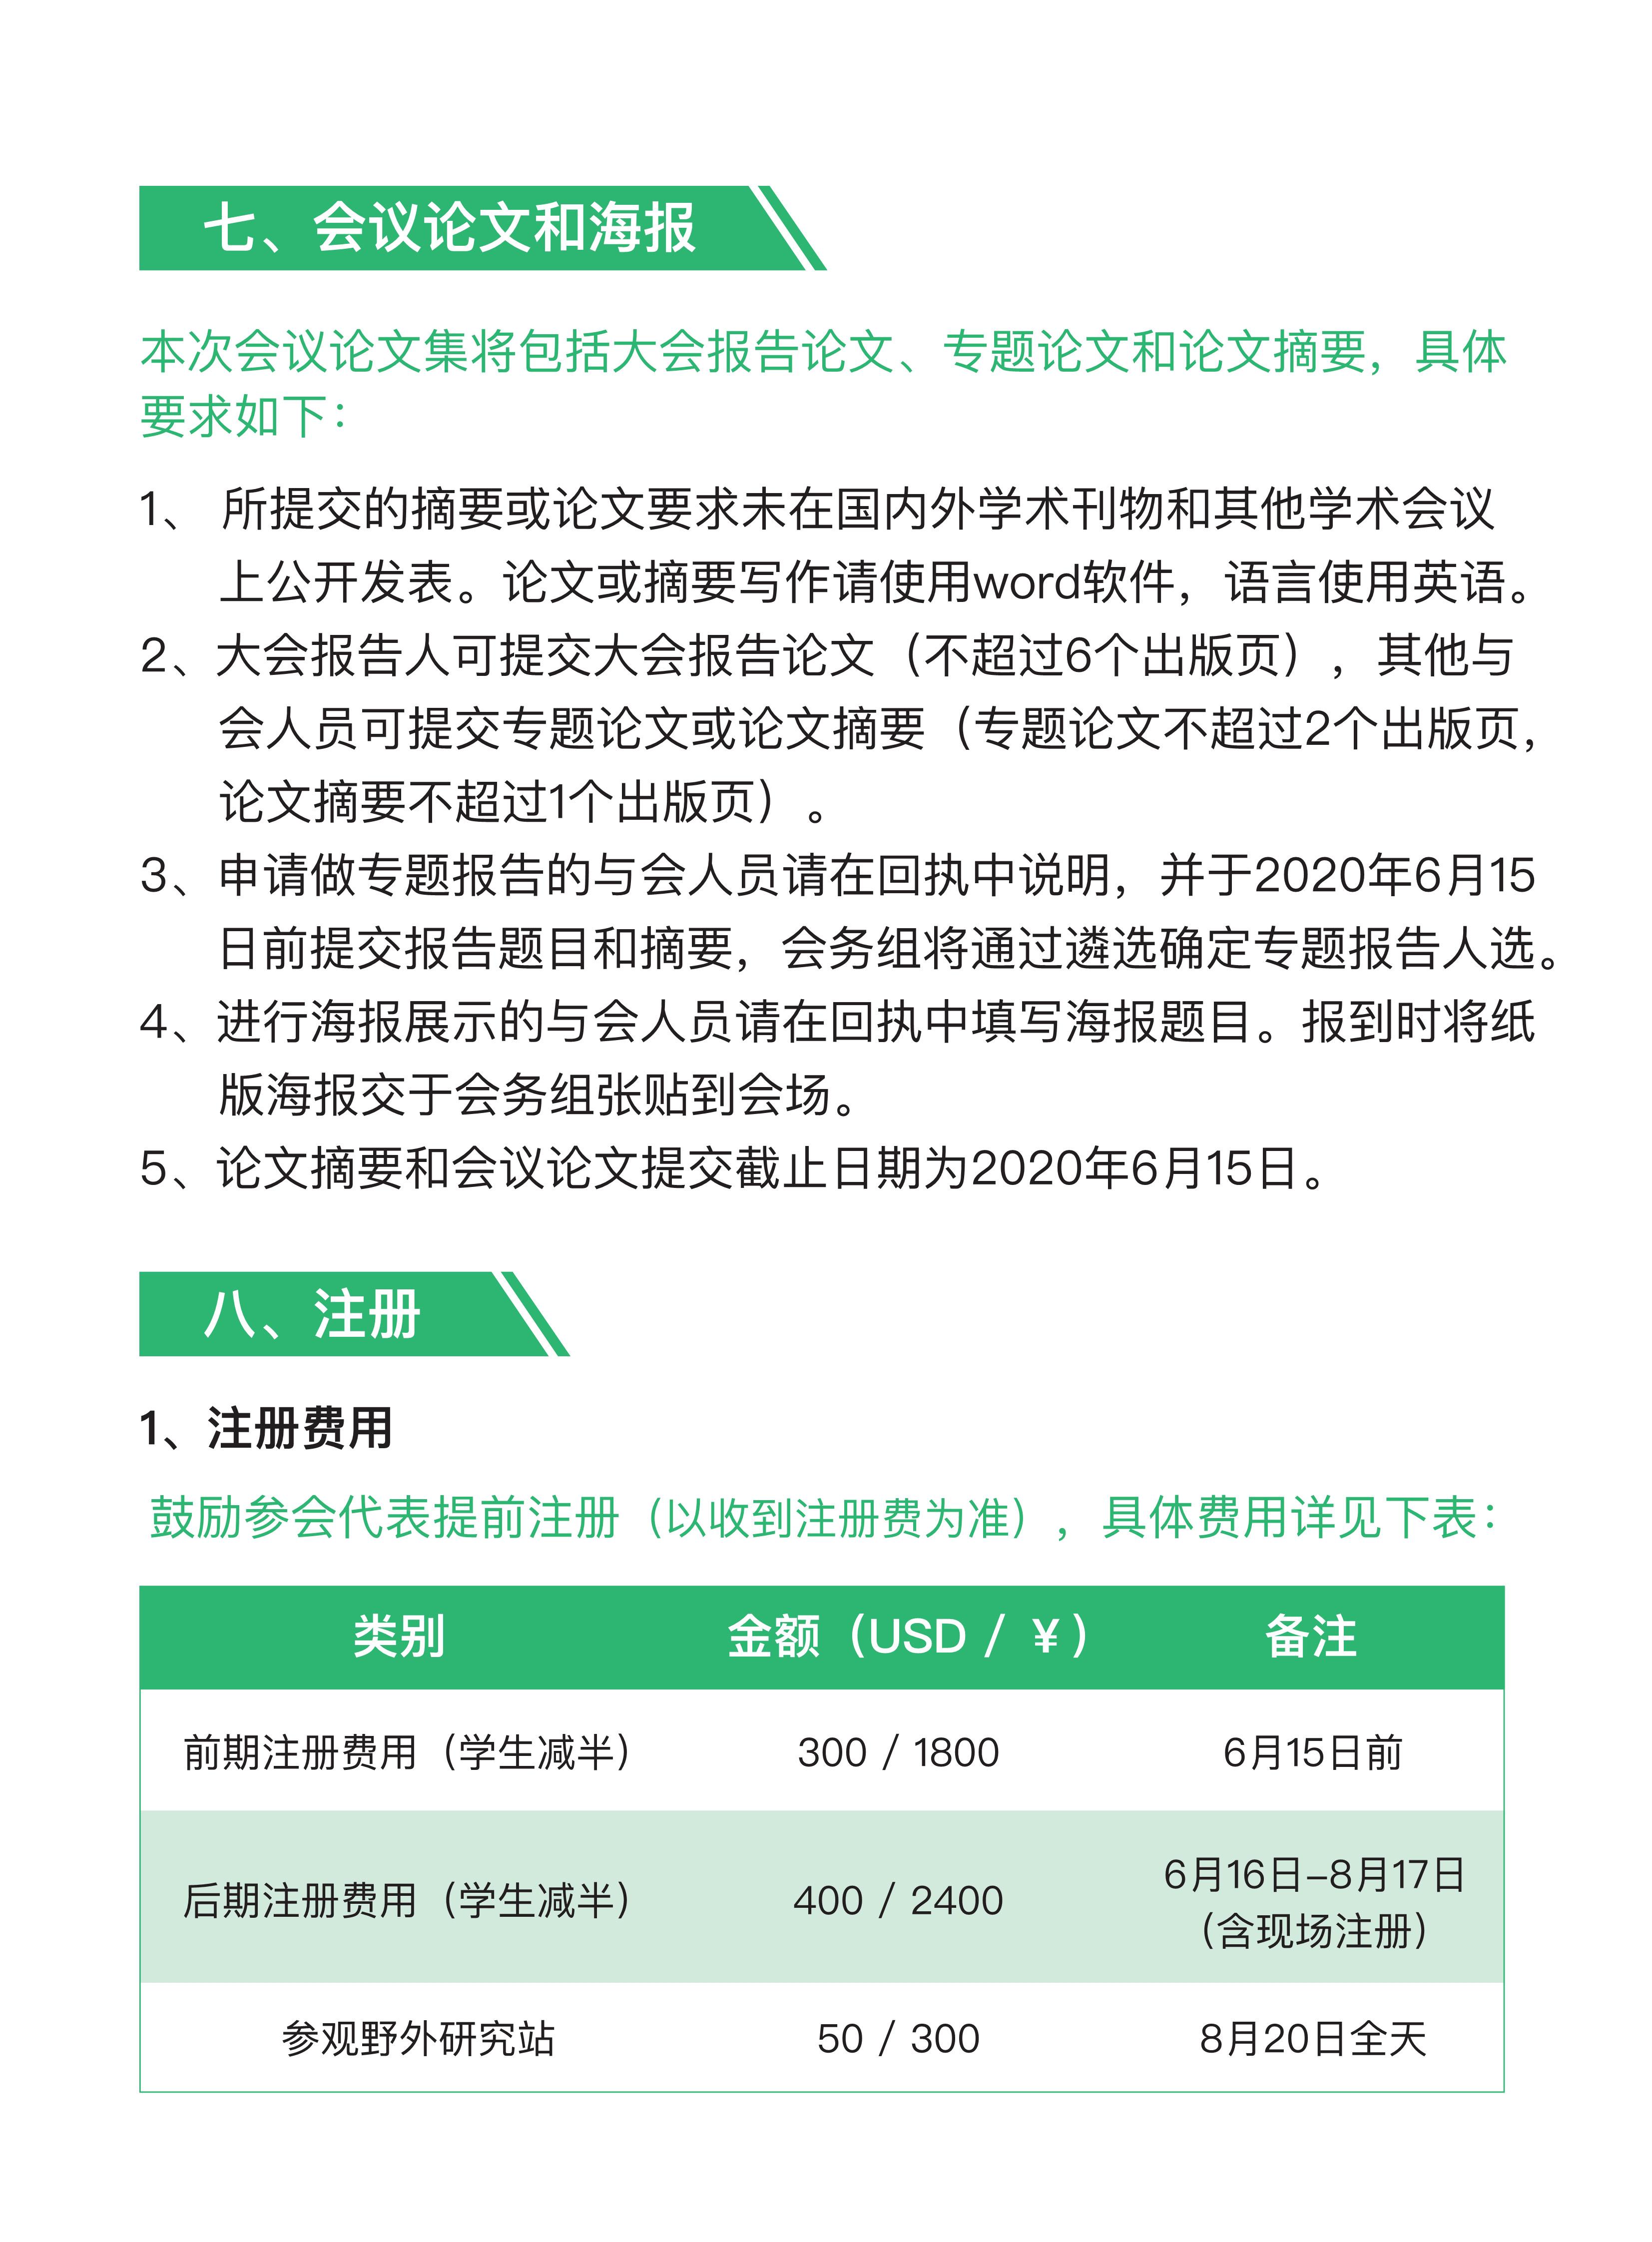 021716515233_00216国际草地会议-中文版回执表_77.jpg